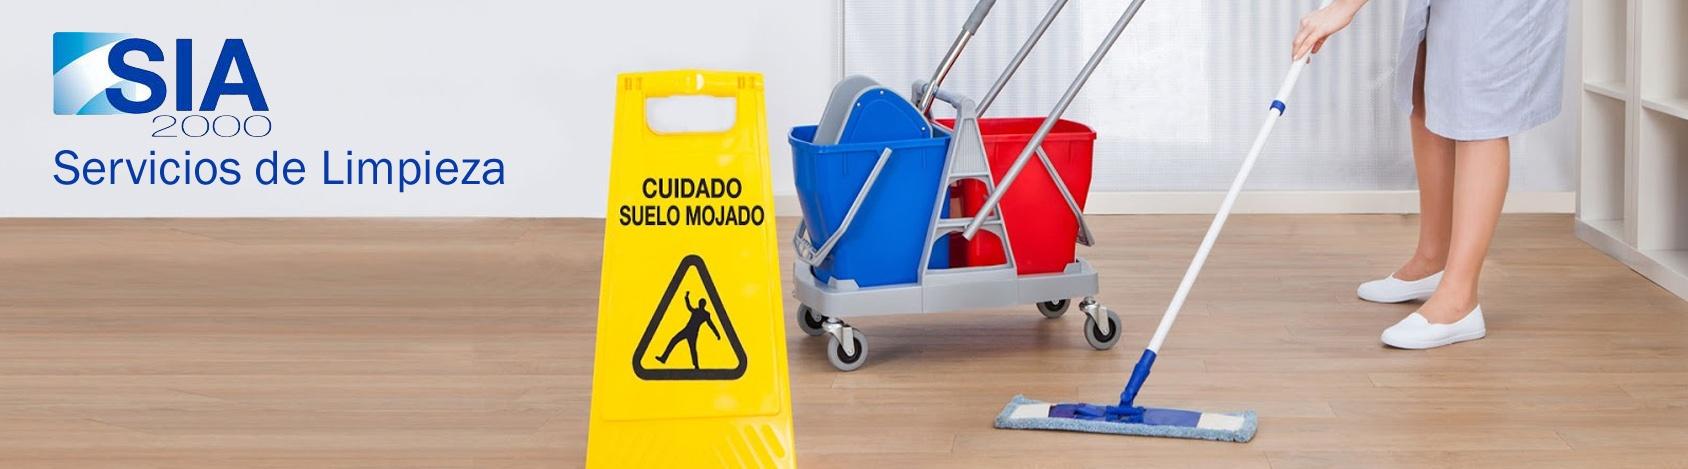 servicios de limpieza en sevilla